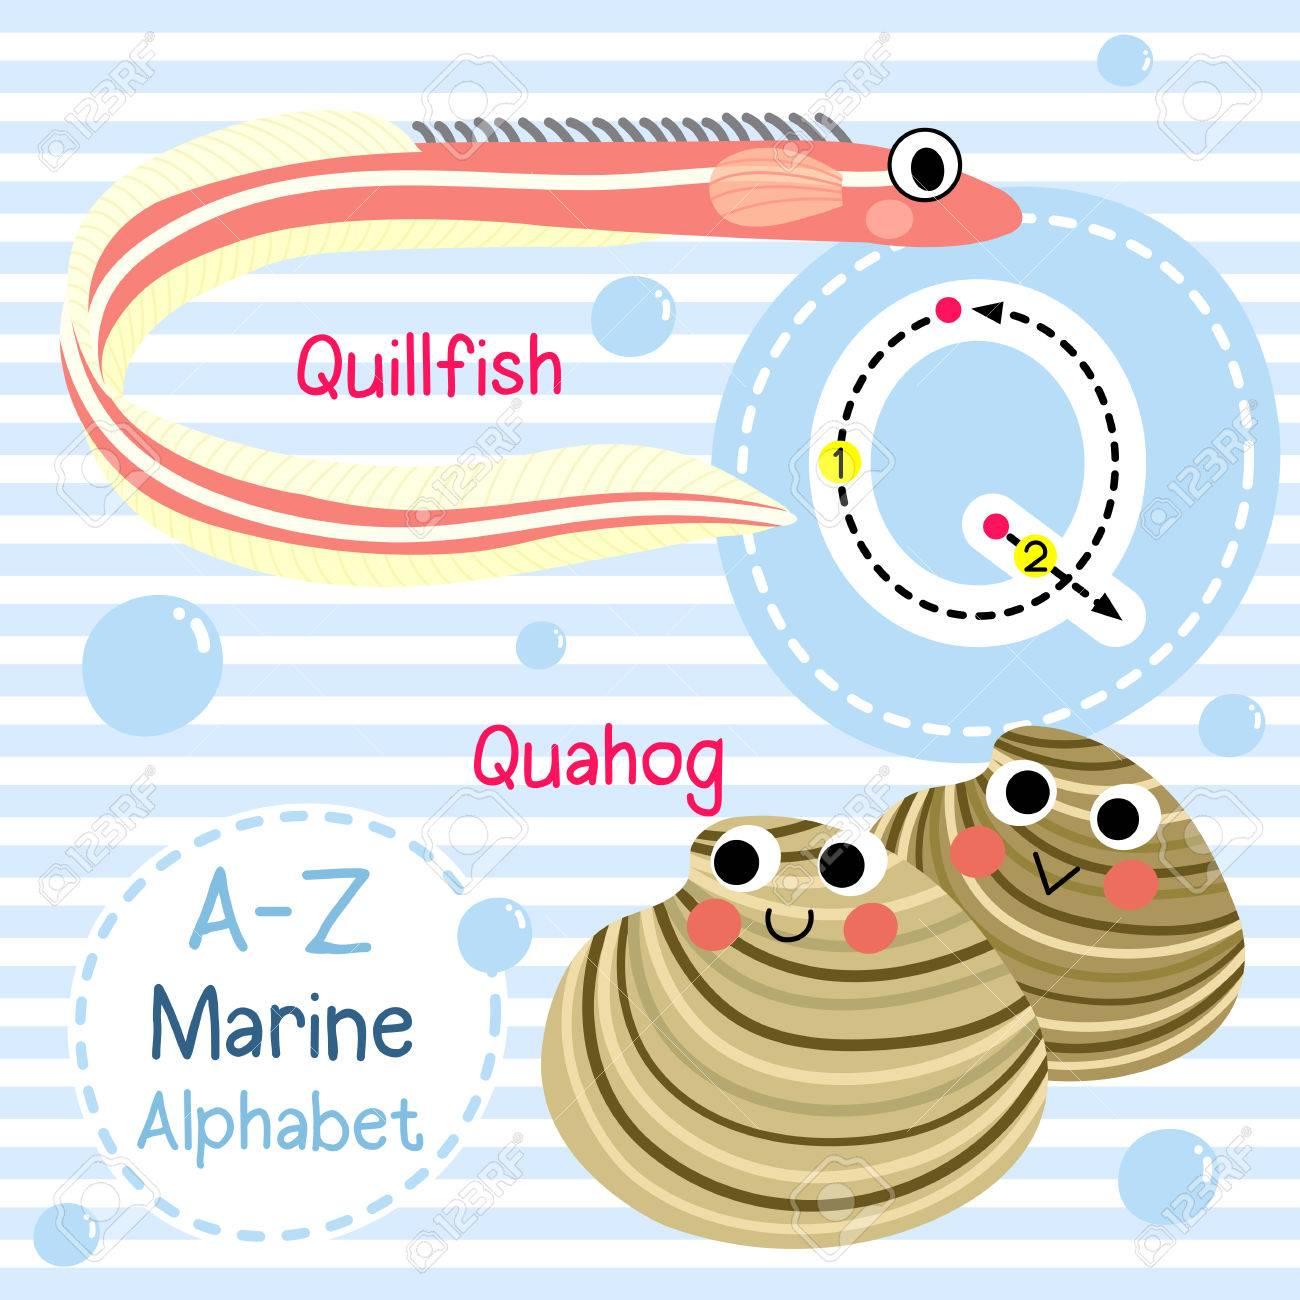 Q Letter Tracing Quahog Quillfish Cute Children Sea Marine